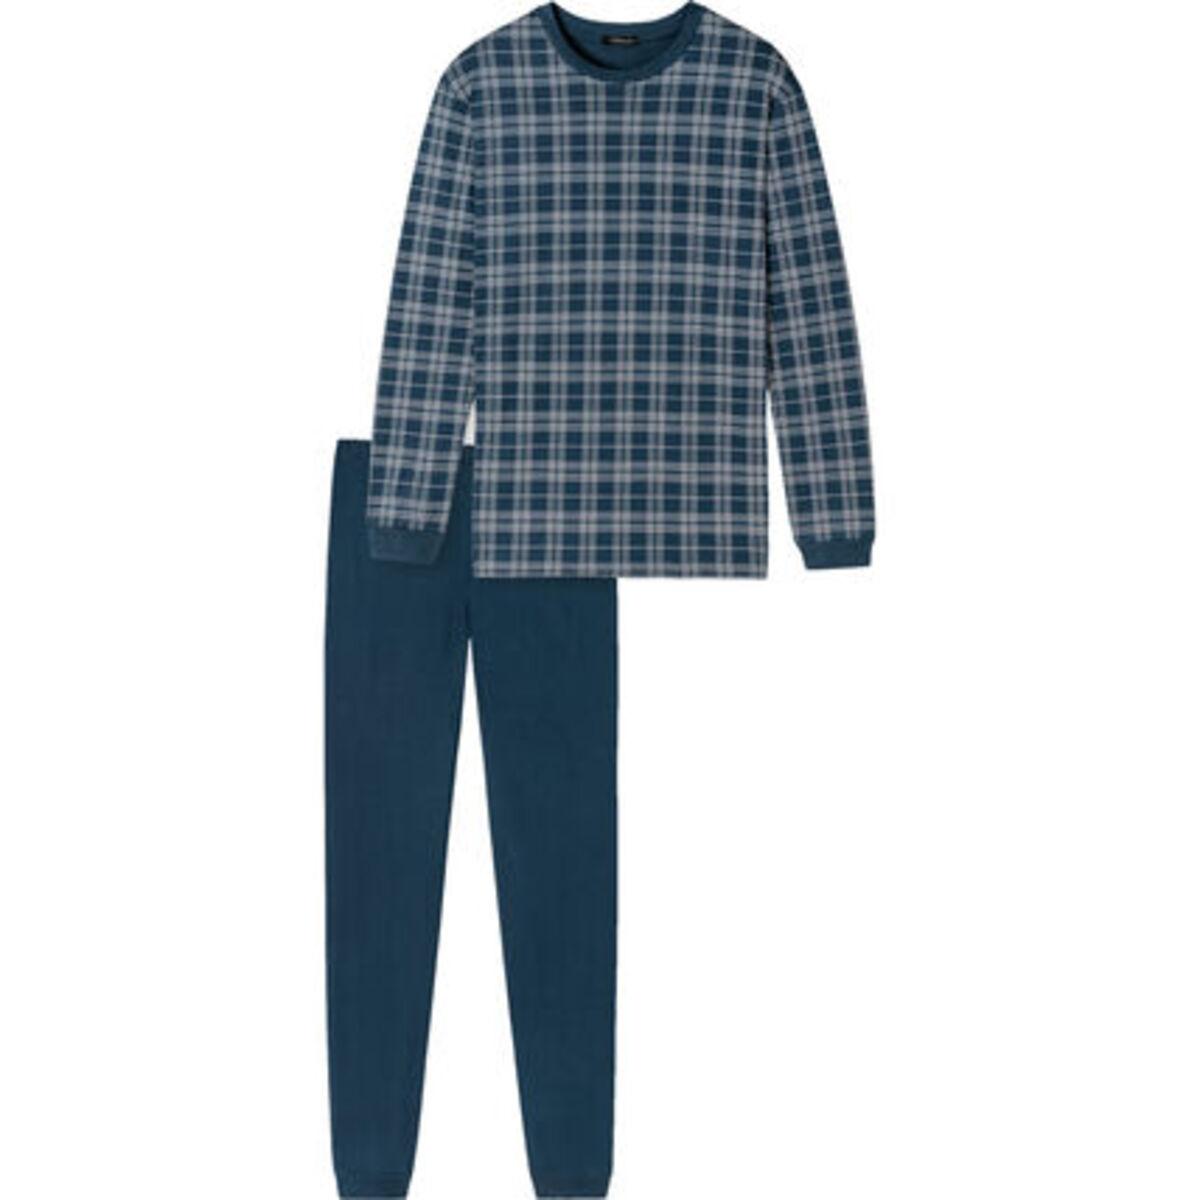 Bild 3 von Schiesser Schlafanzug, Karo-Shirt, Baumwolle, für Herren